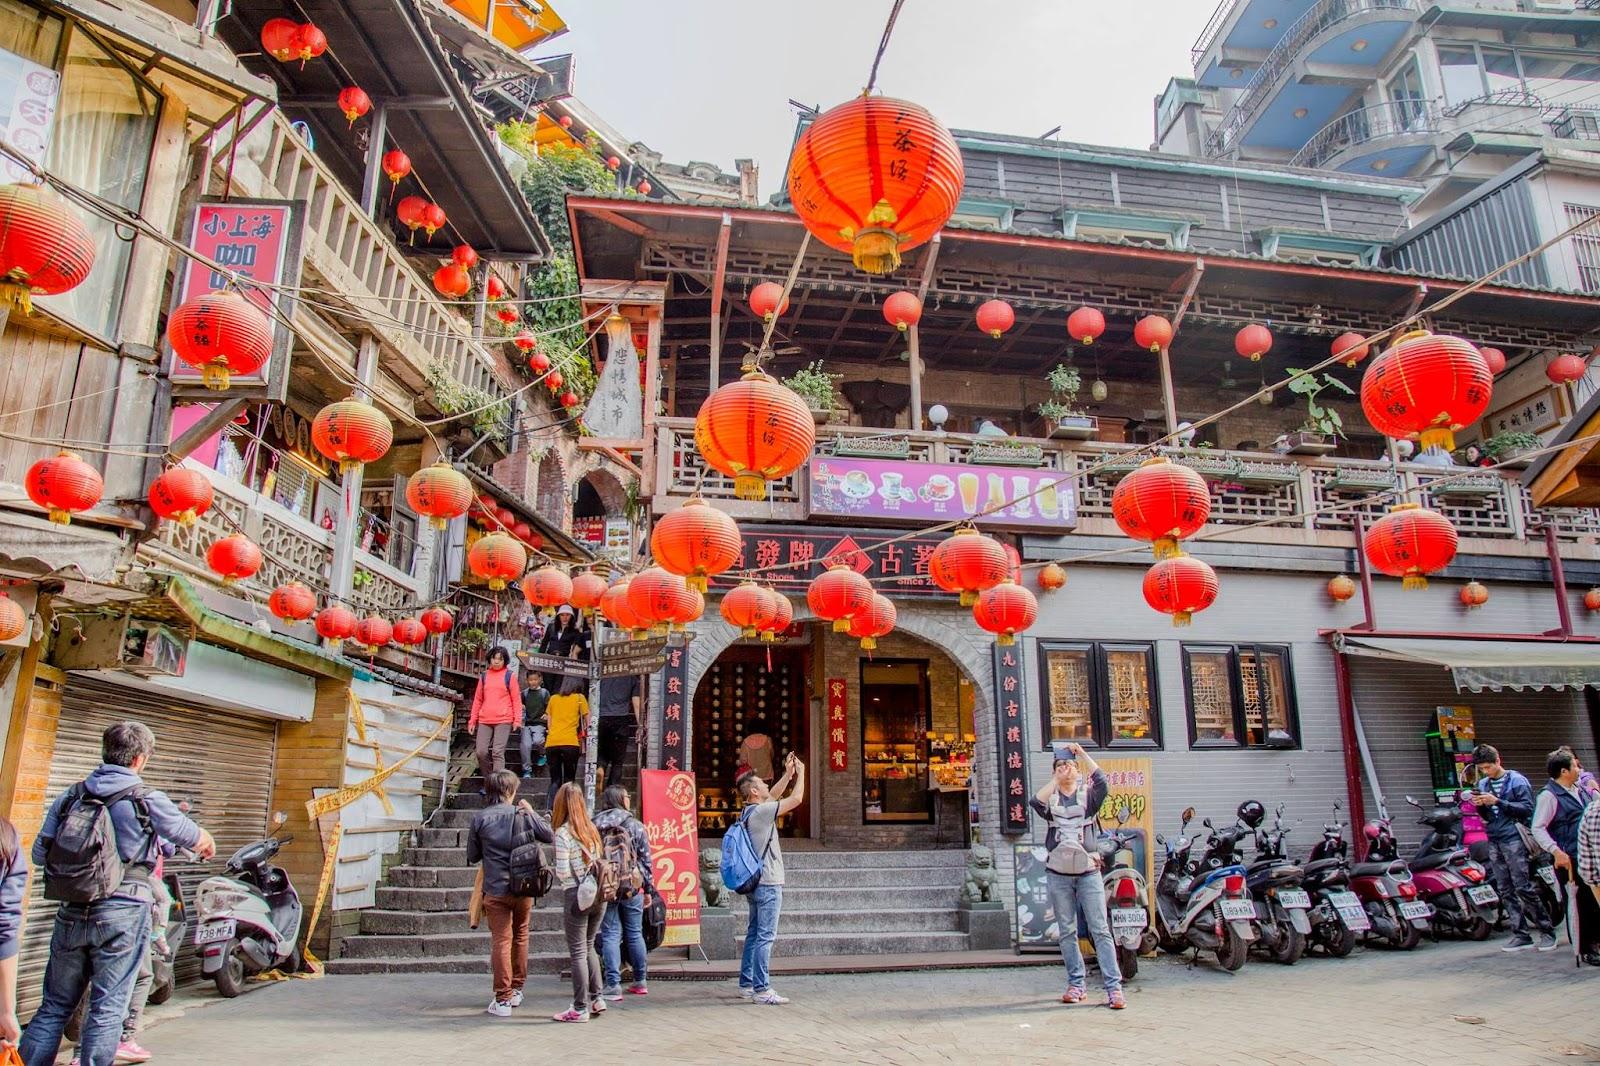 Tham quan làng cổ Cửu Phần, Đài Bắc, Đài Loan